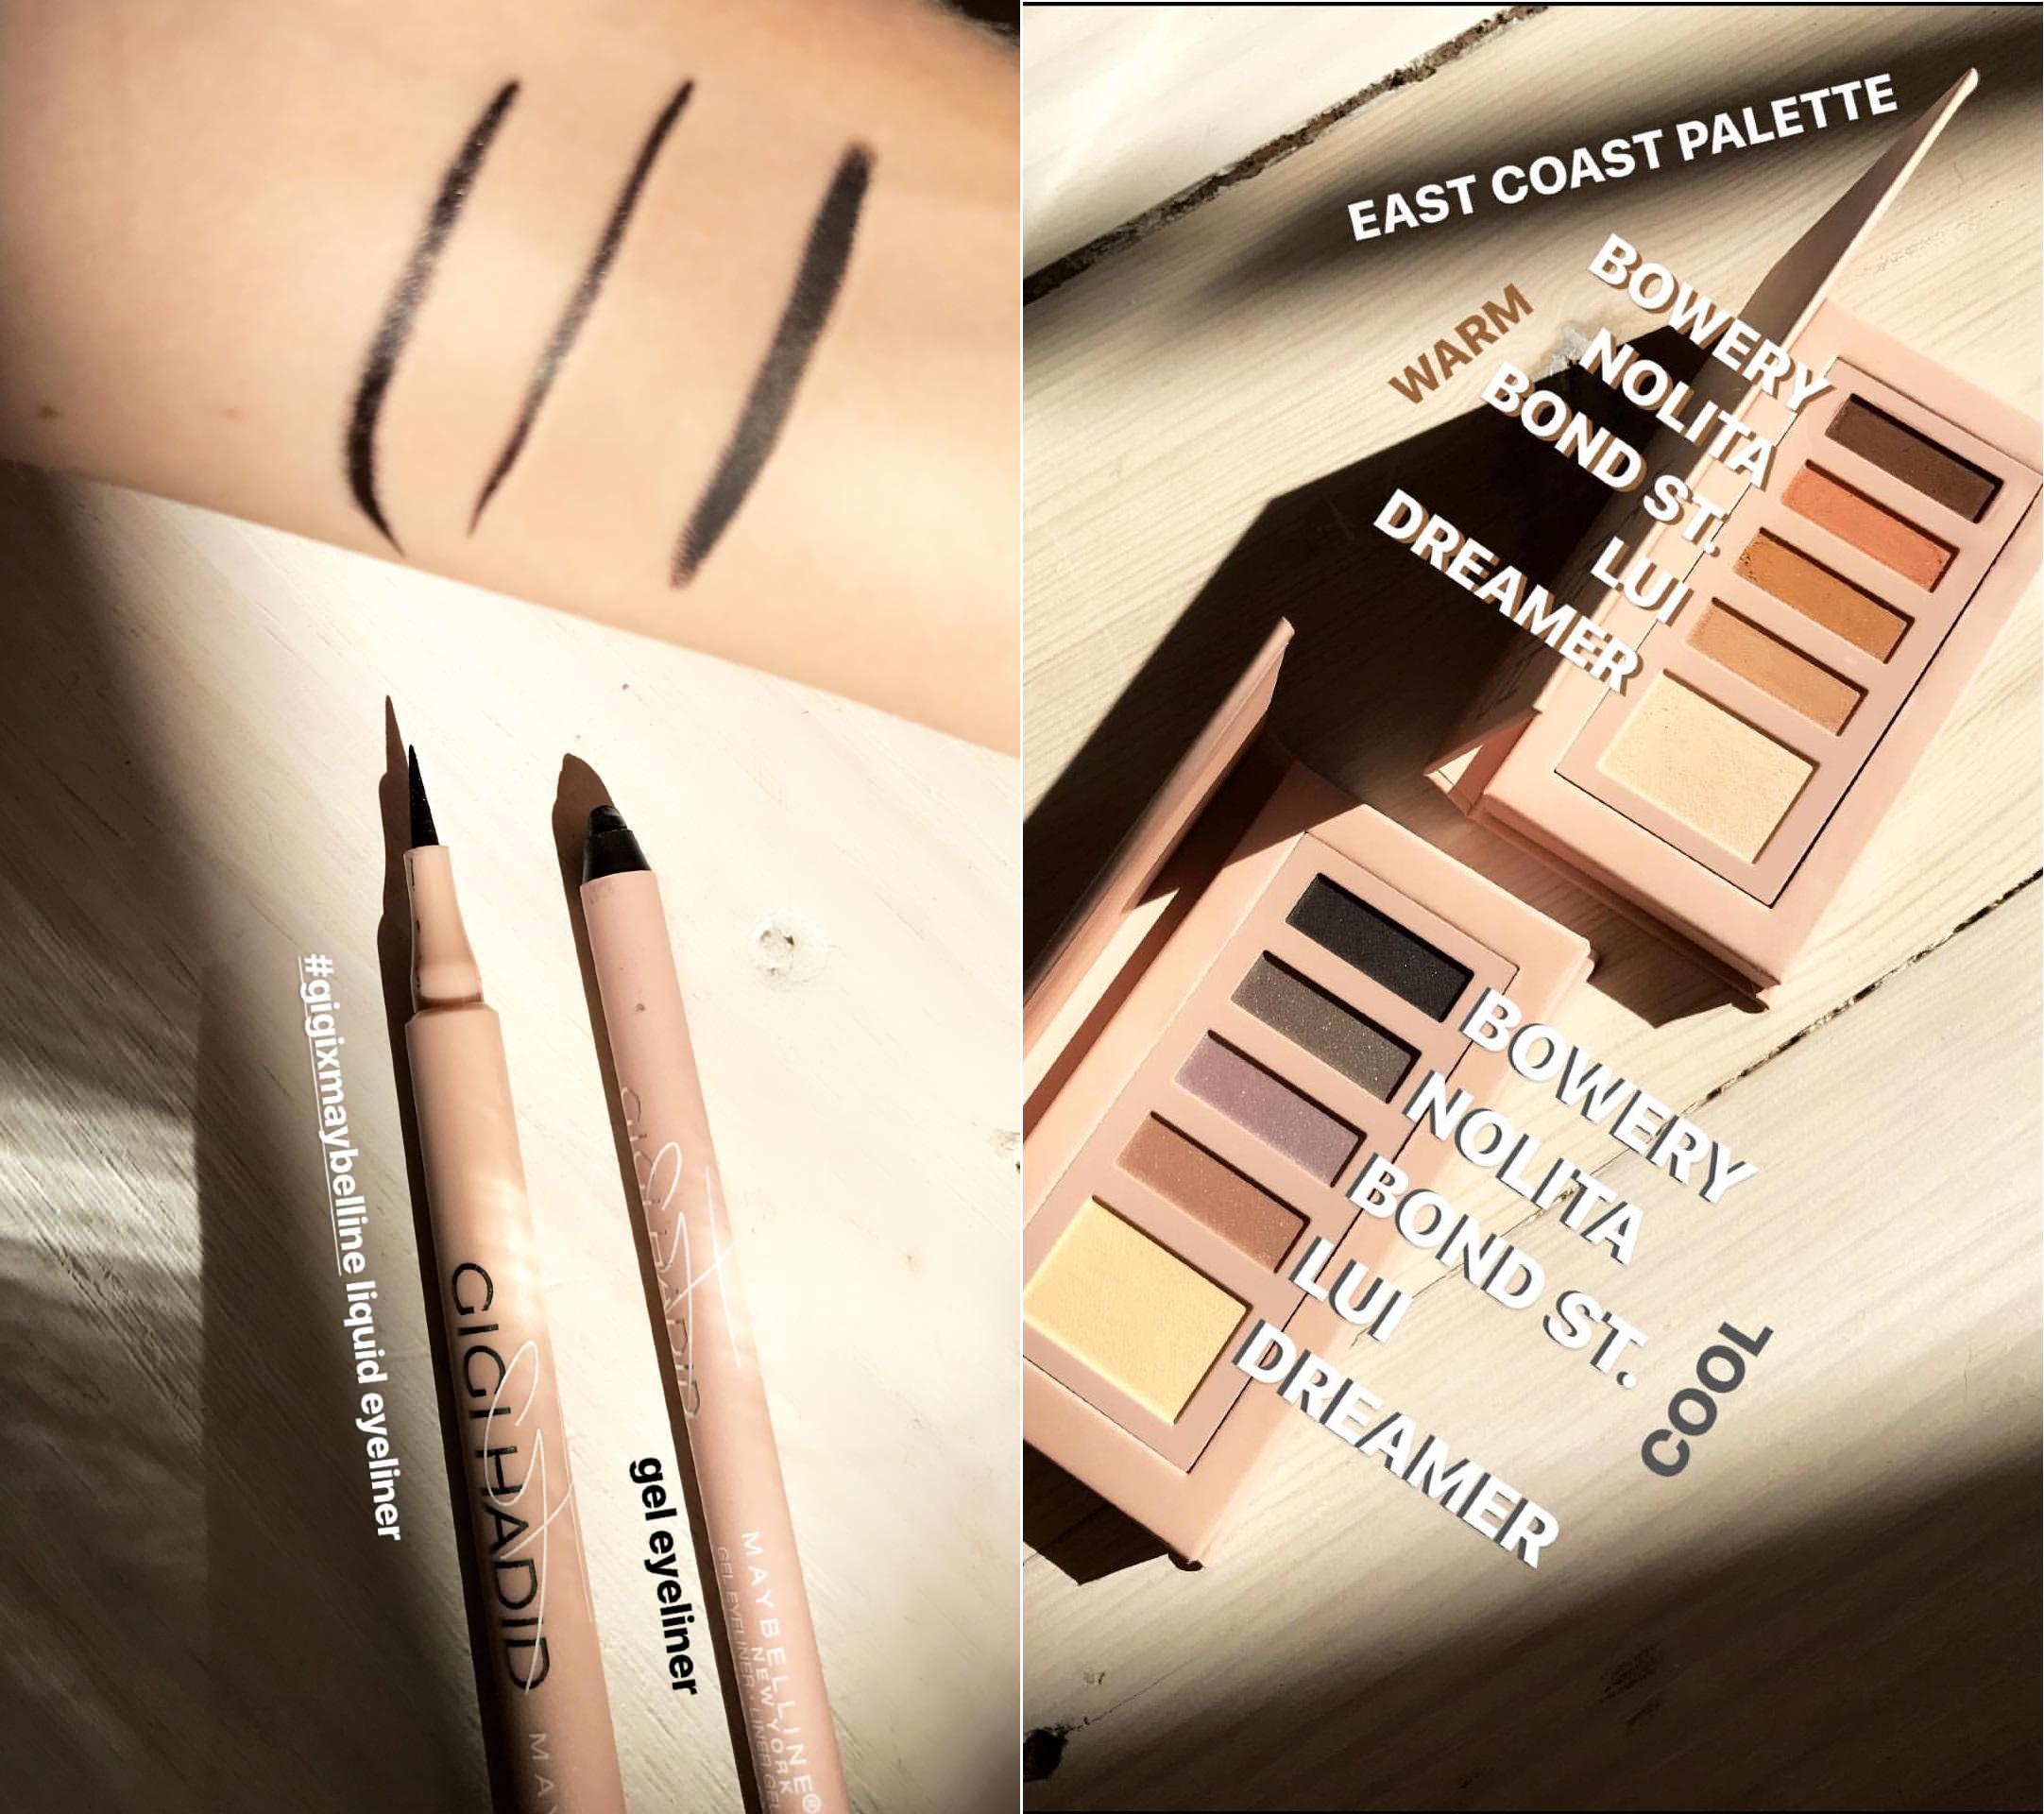 Gigi Hadid ra mắt BST mỹ phẩm hàng khủng đầy đủ từ son lì đến phấn mắt, mascara... - Ảnh 6.